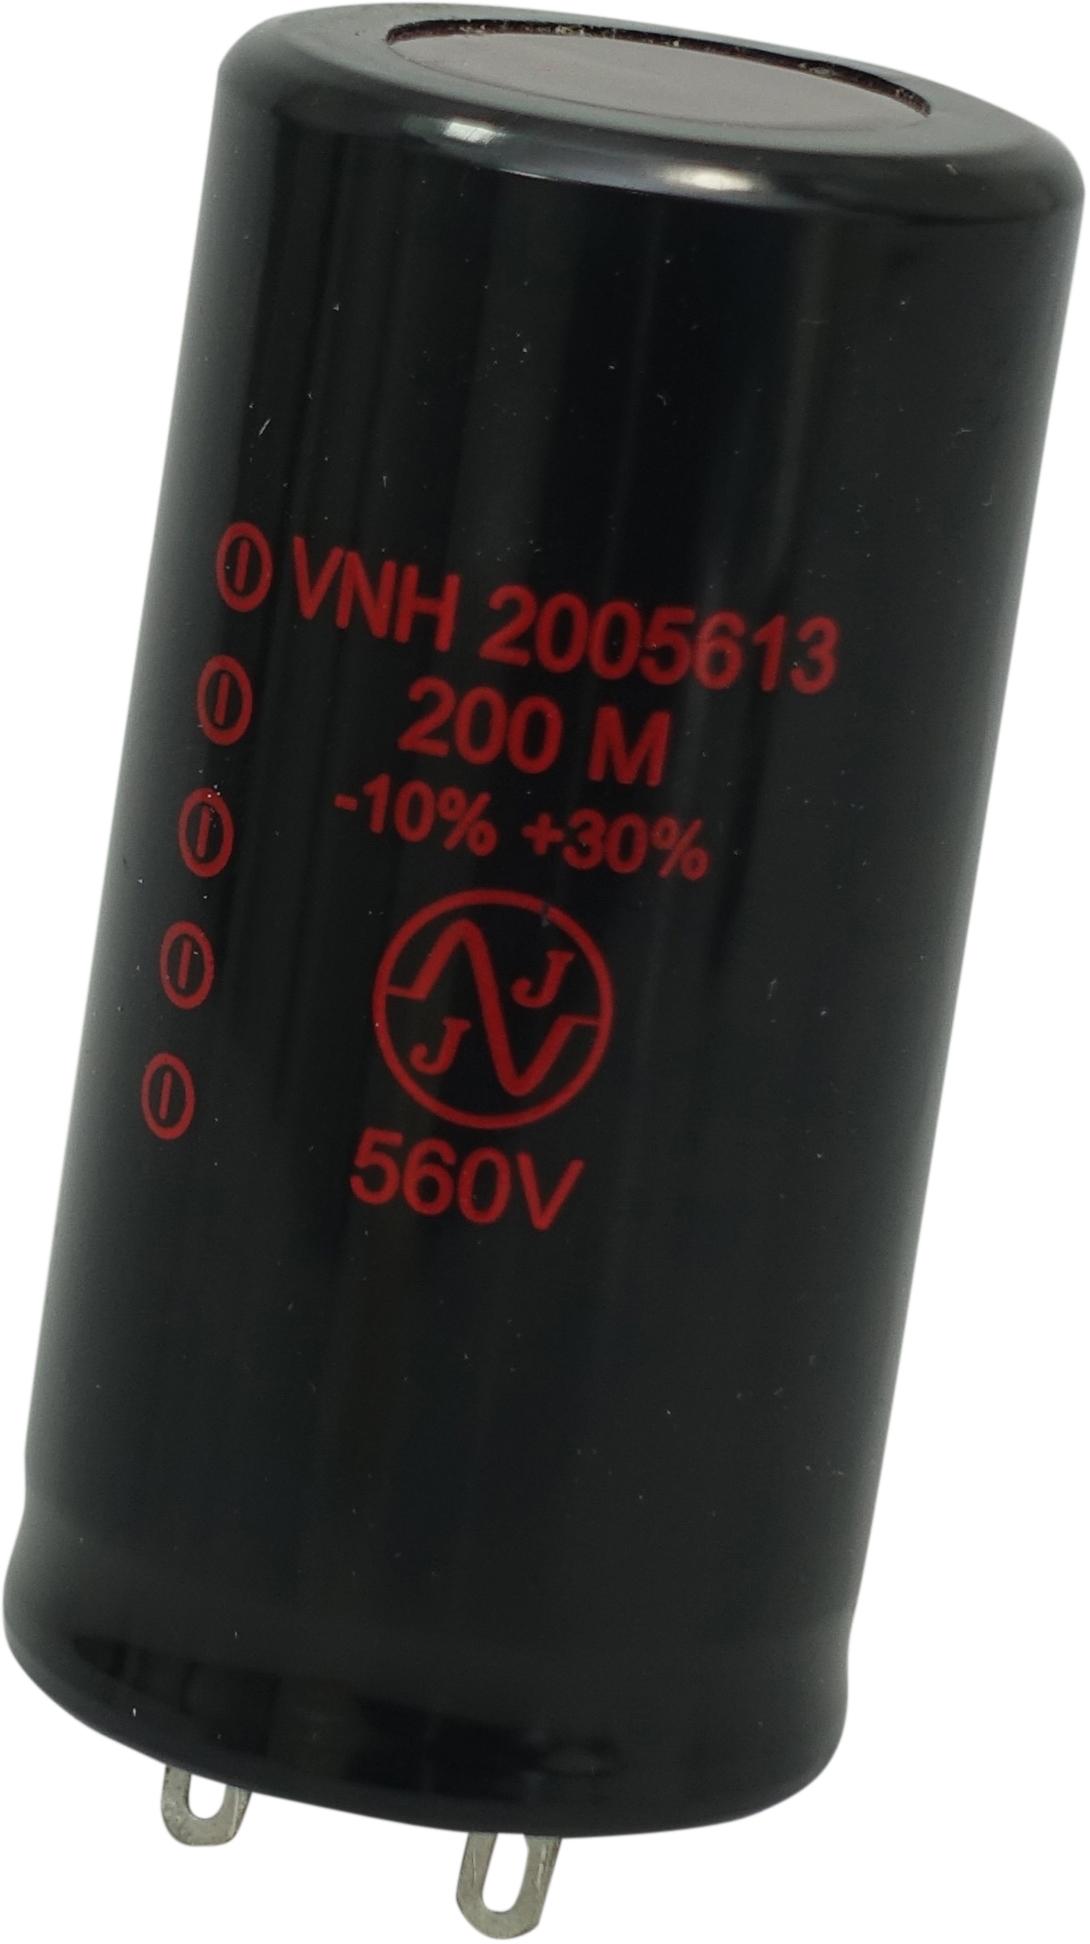 JJ 200uF, 560V radial